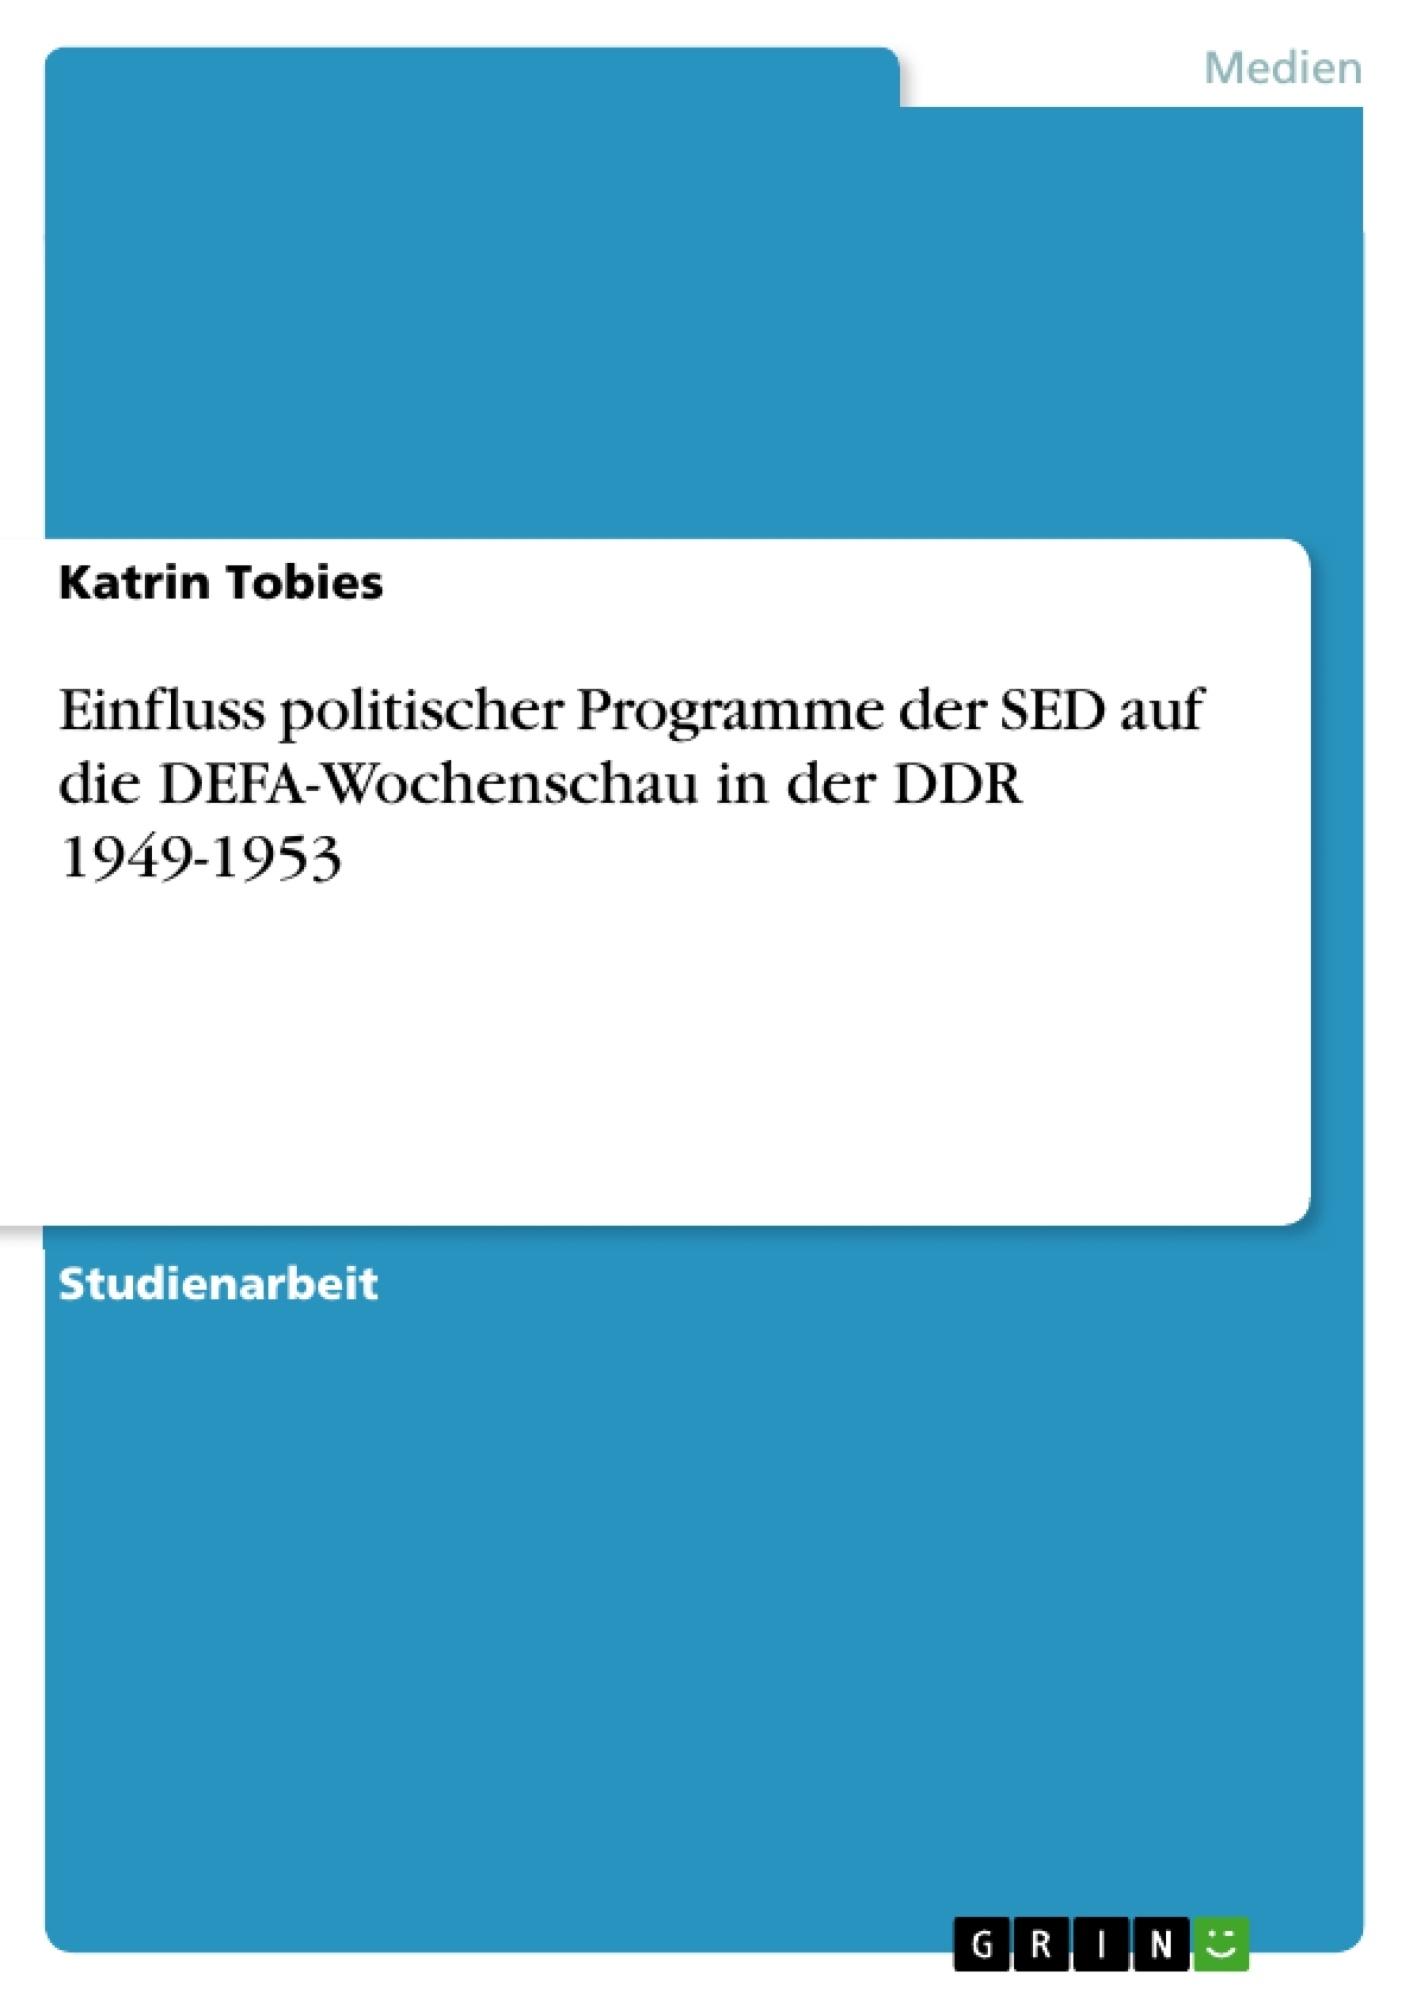 Titel: Einfluss politischer Programme der SED auf die DEFA-Wochenschau in der DDR 1949-1953